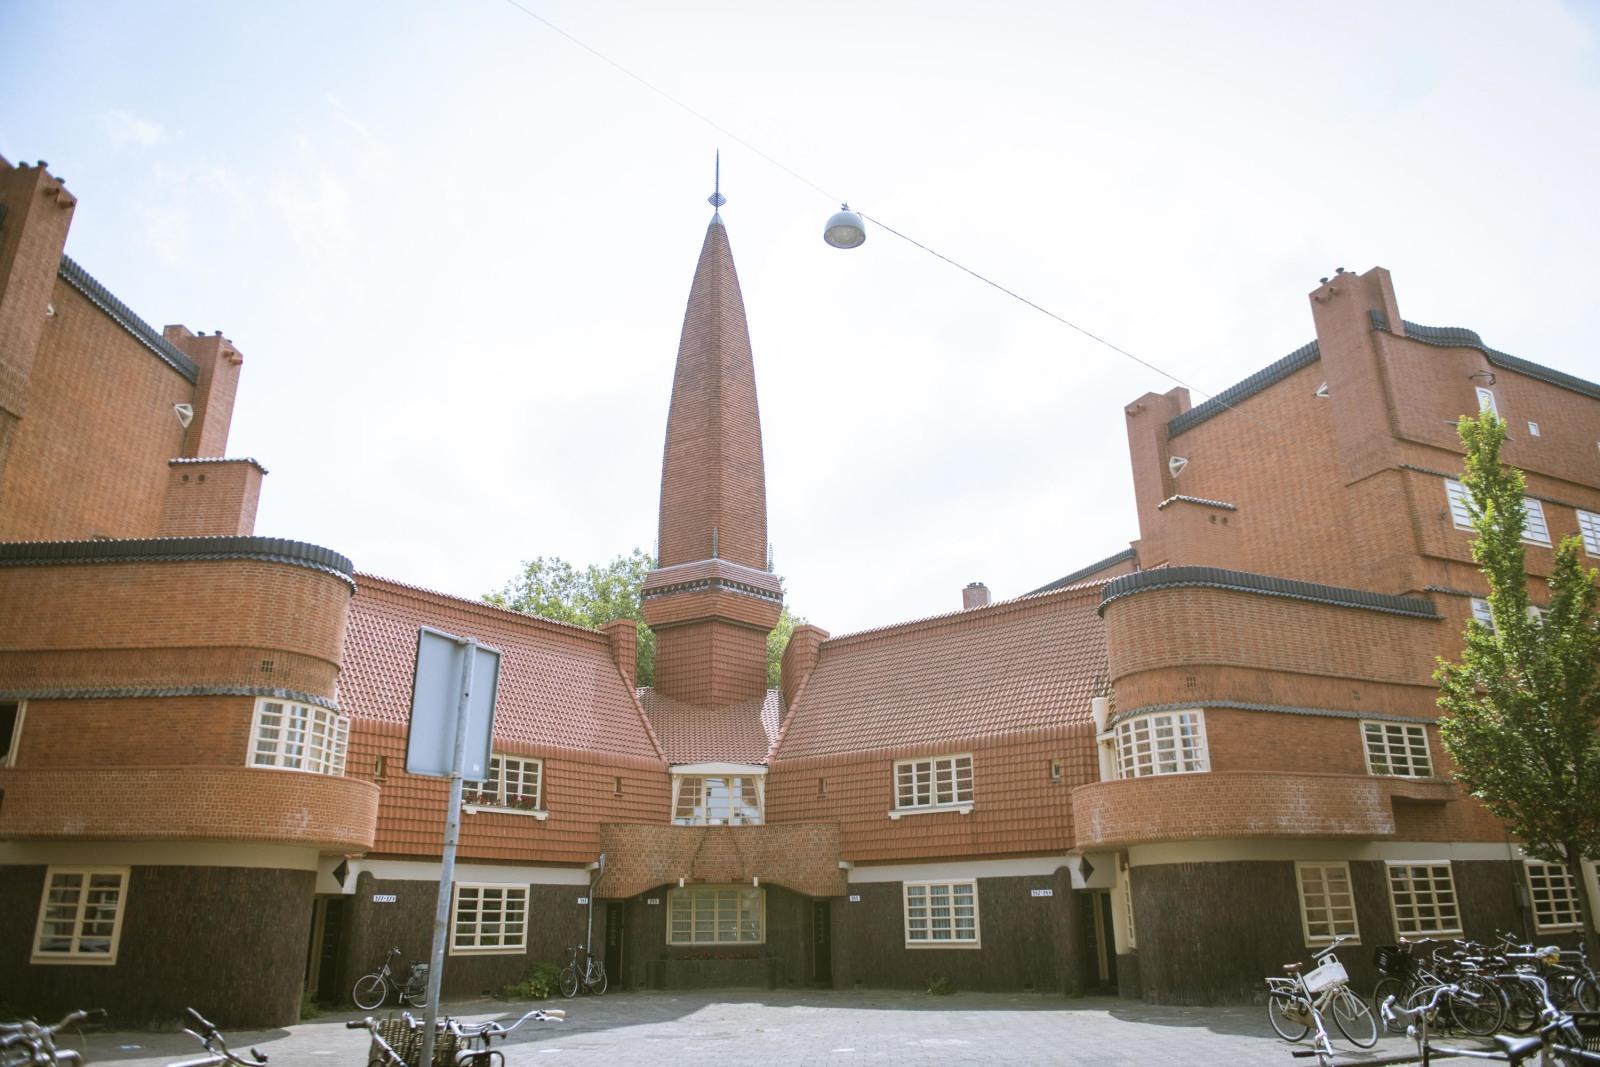 オランダはじめヨーロッパでは歴史ある建造物は大切に保存・活用されている。